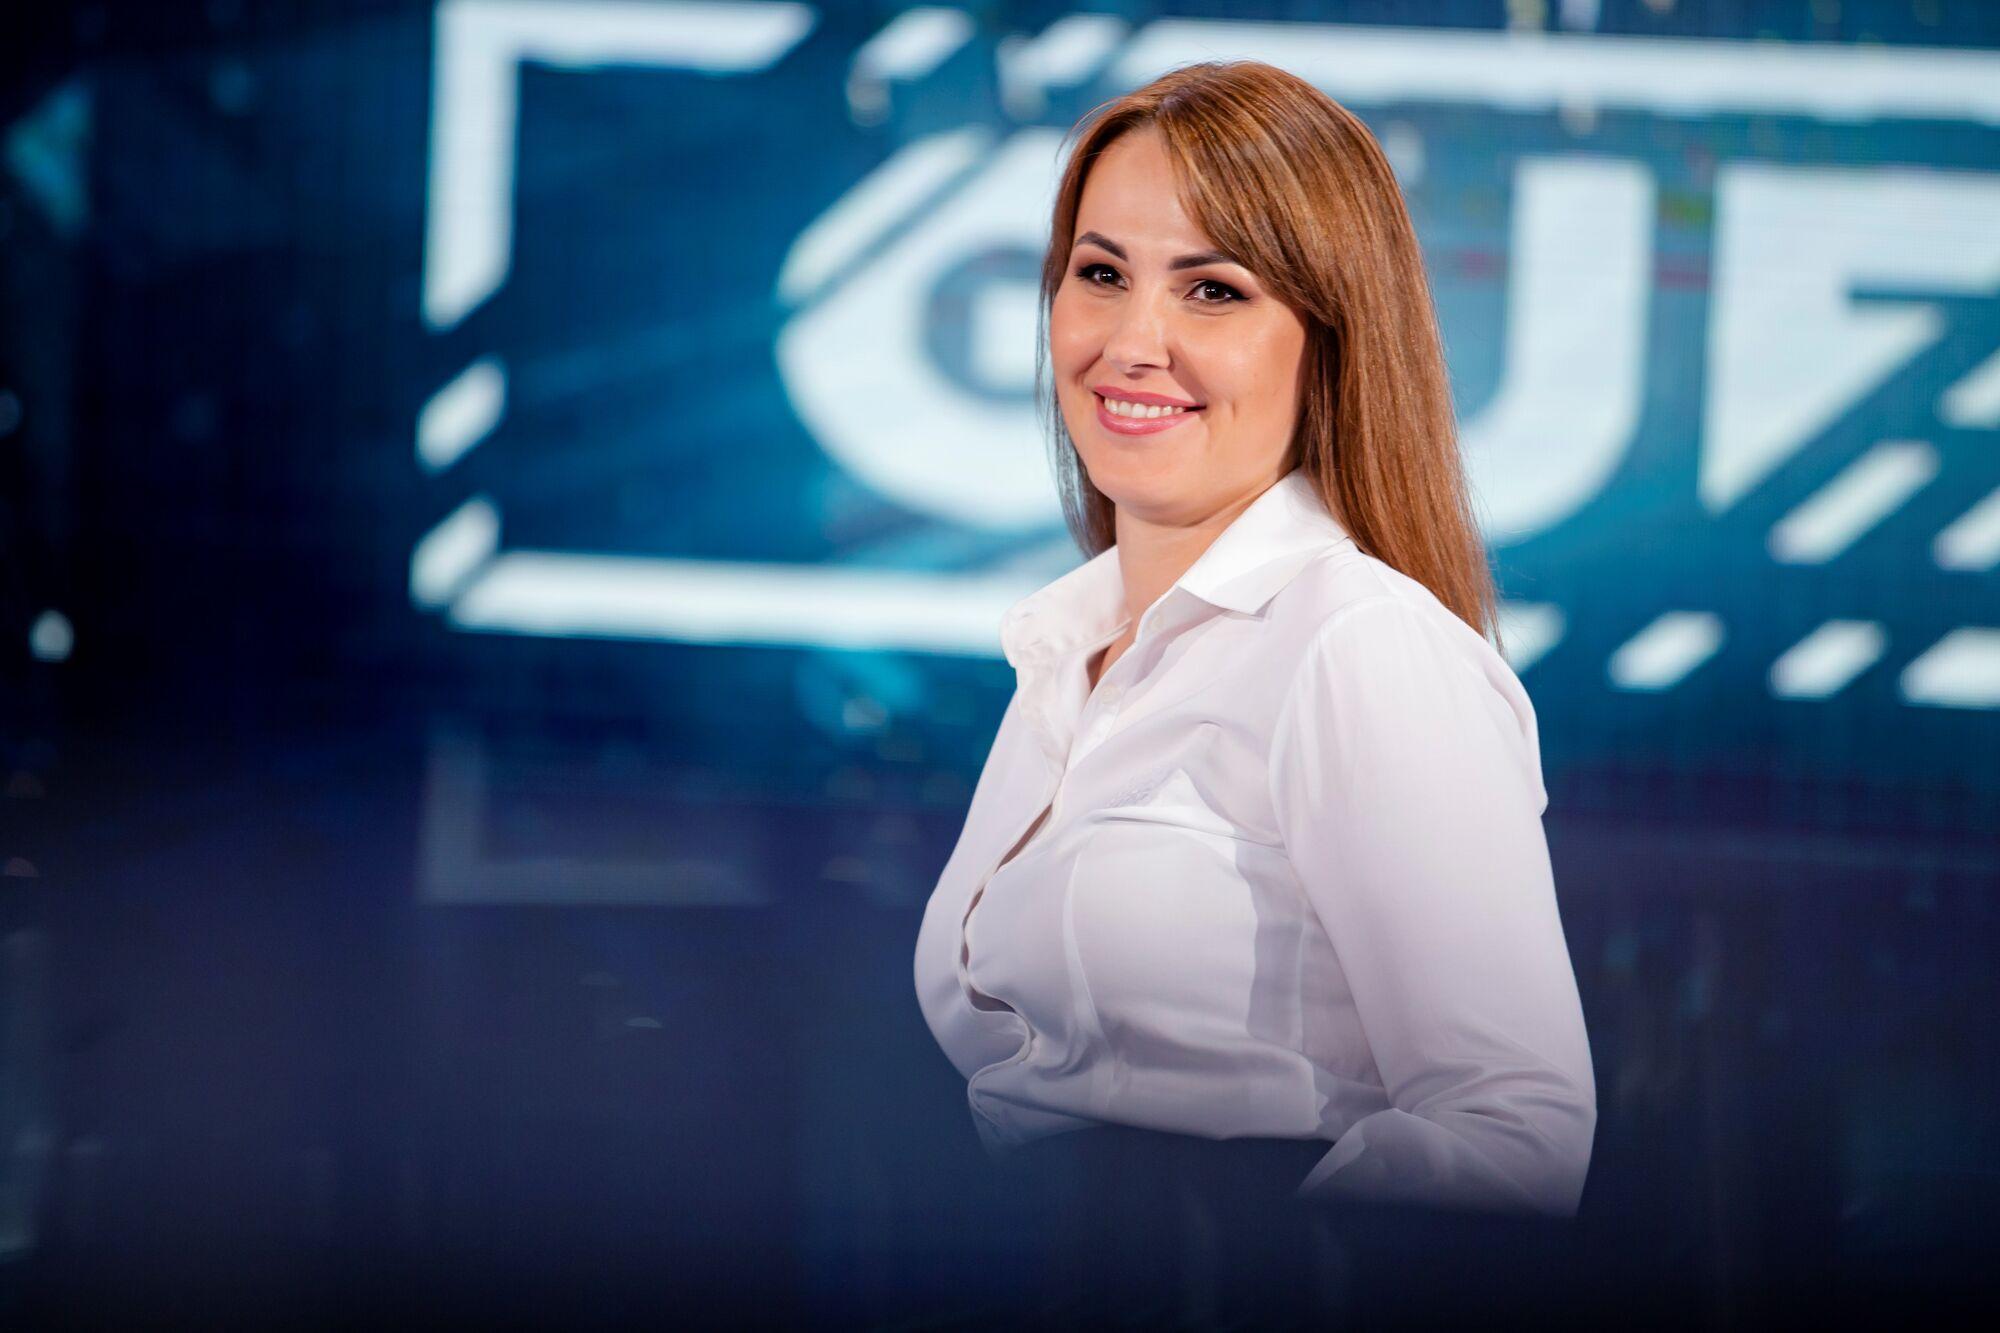 Перемены в руководстве НАБУ и САП назрели из-за неэффективности - Юлия Татик